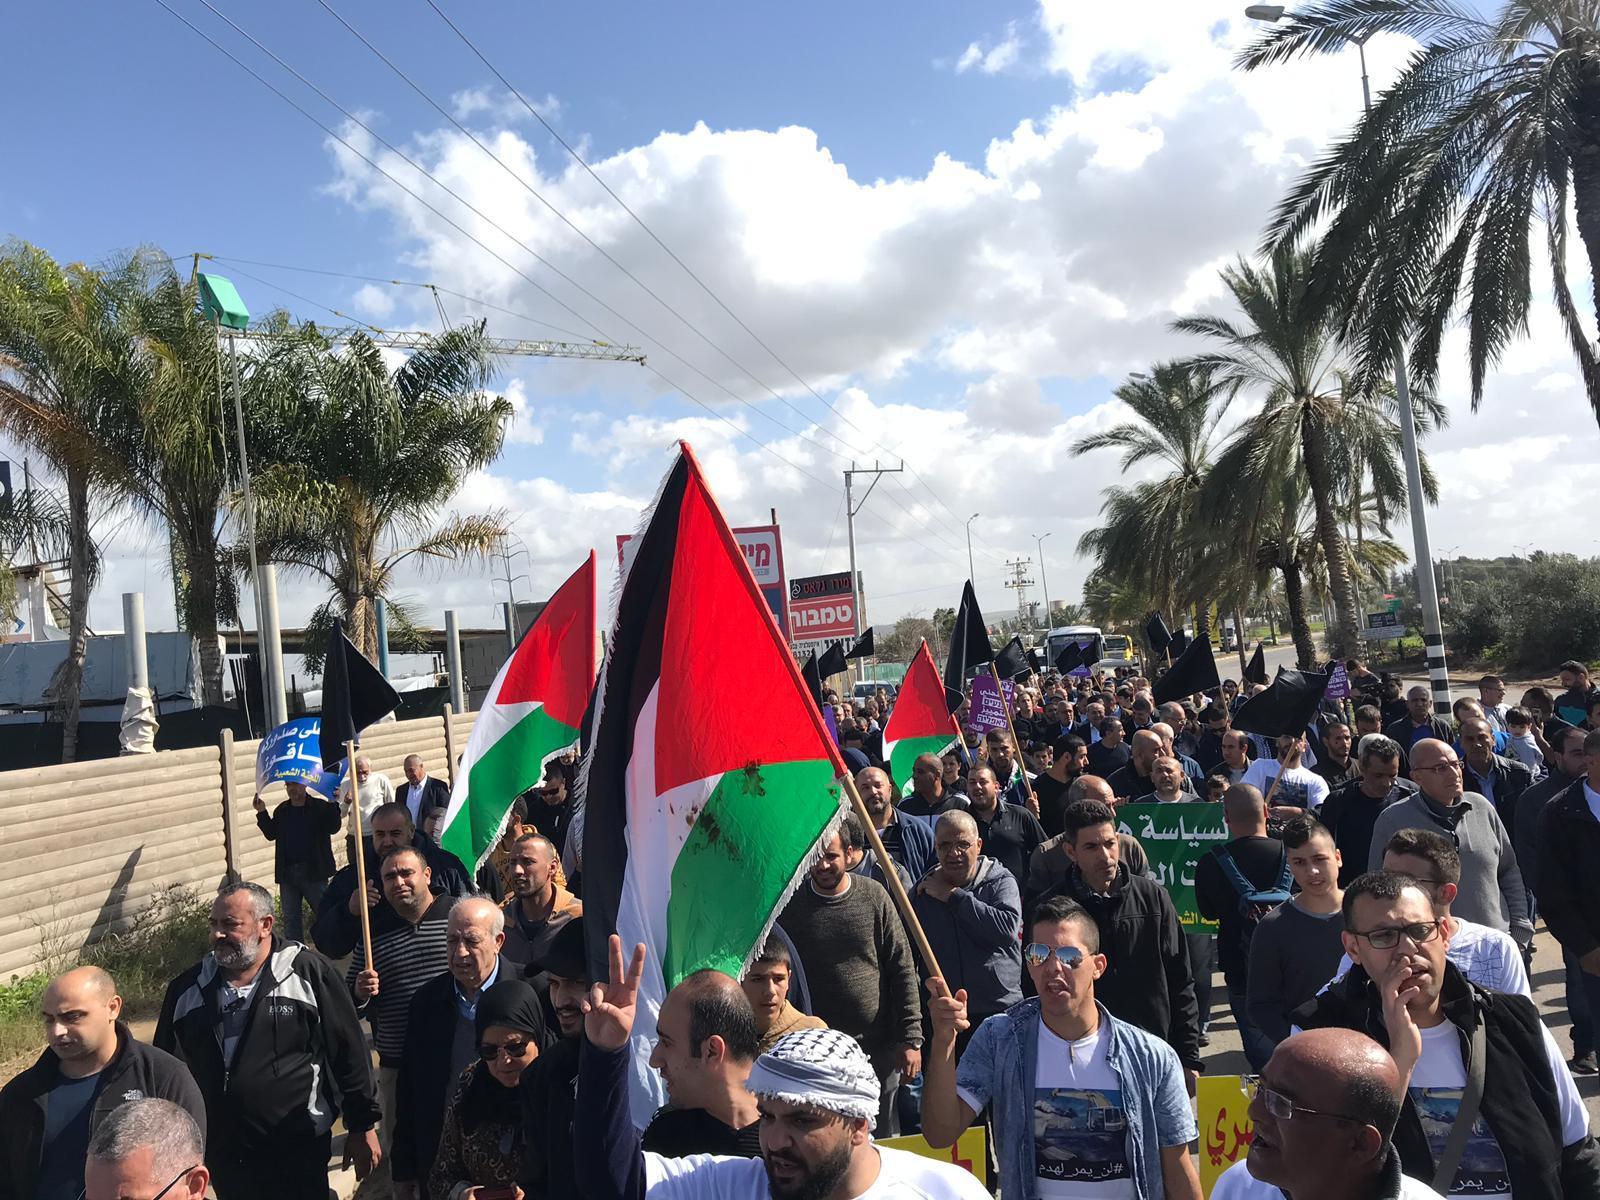 قلنسوة: مظاهرة رافضة لسياسة هدم المنازل